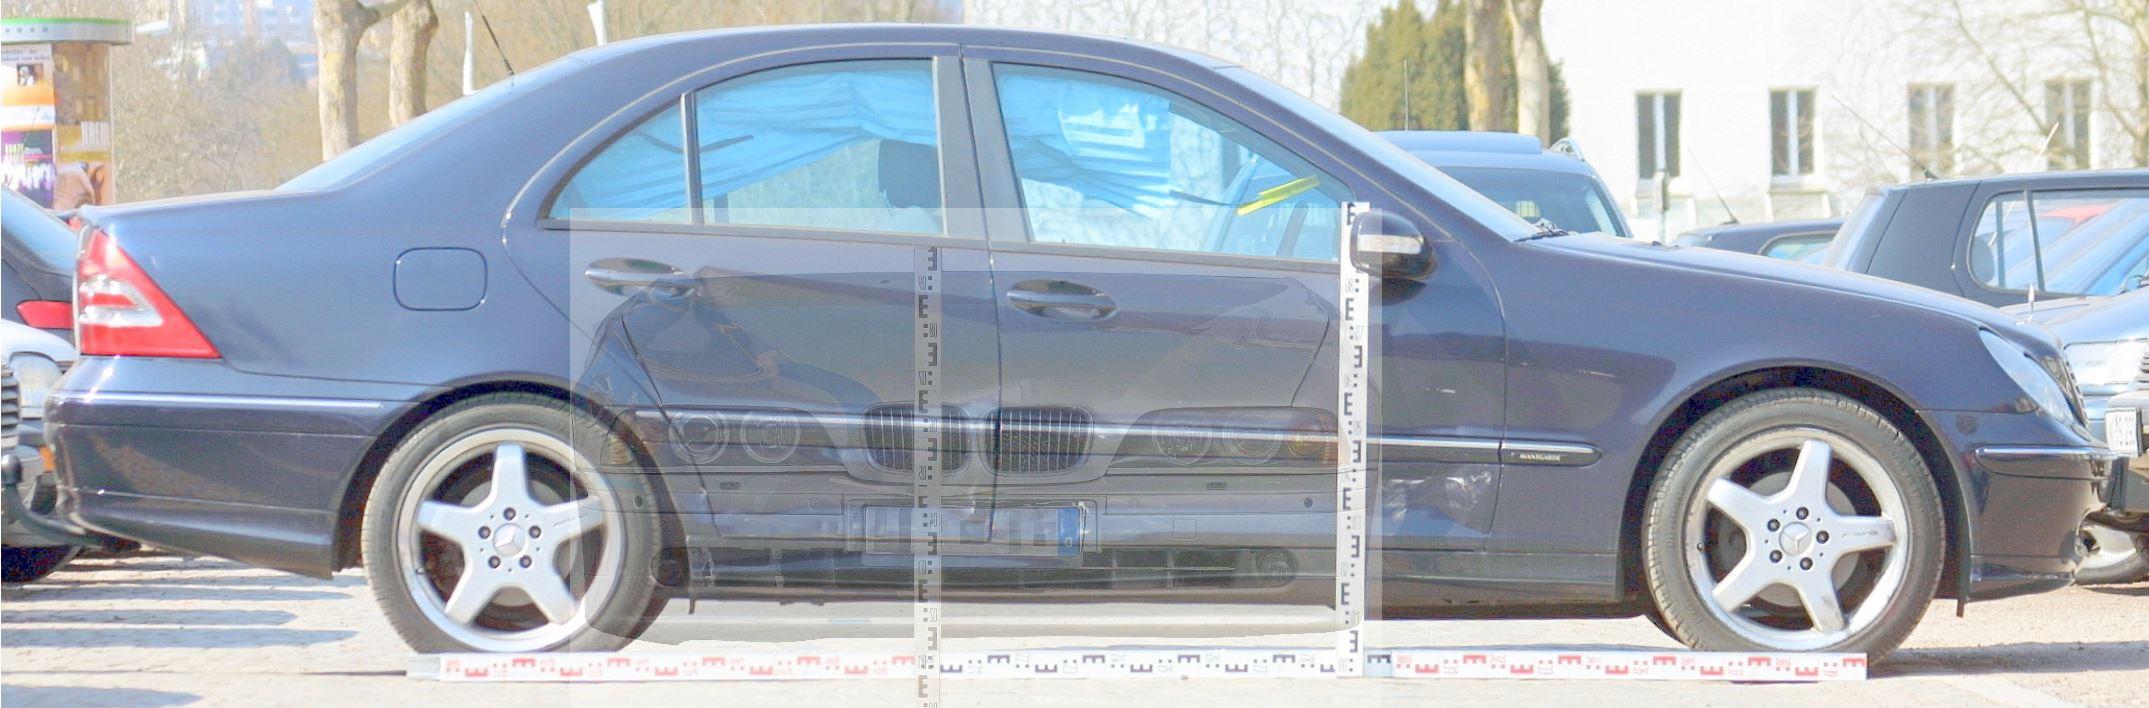 Fahrzeuggegenueberstellung Unfall